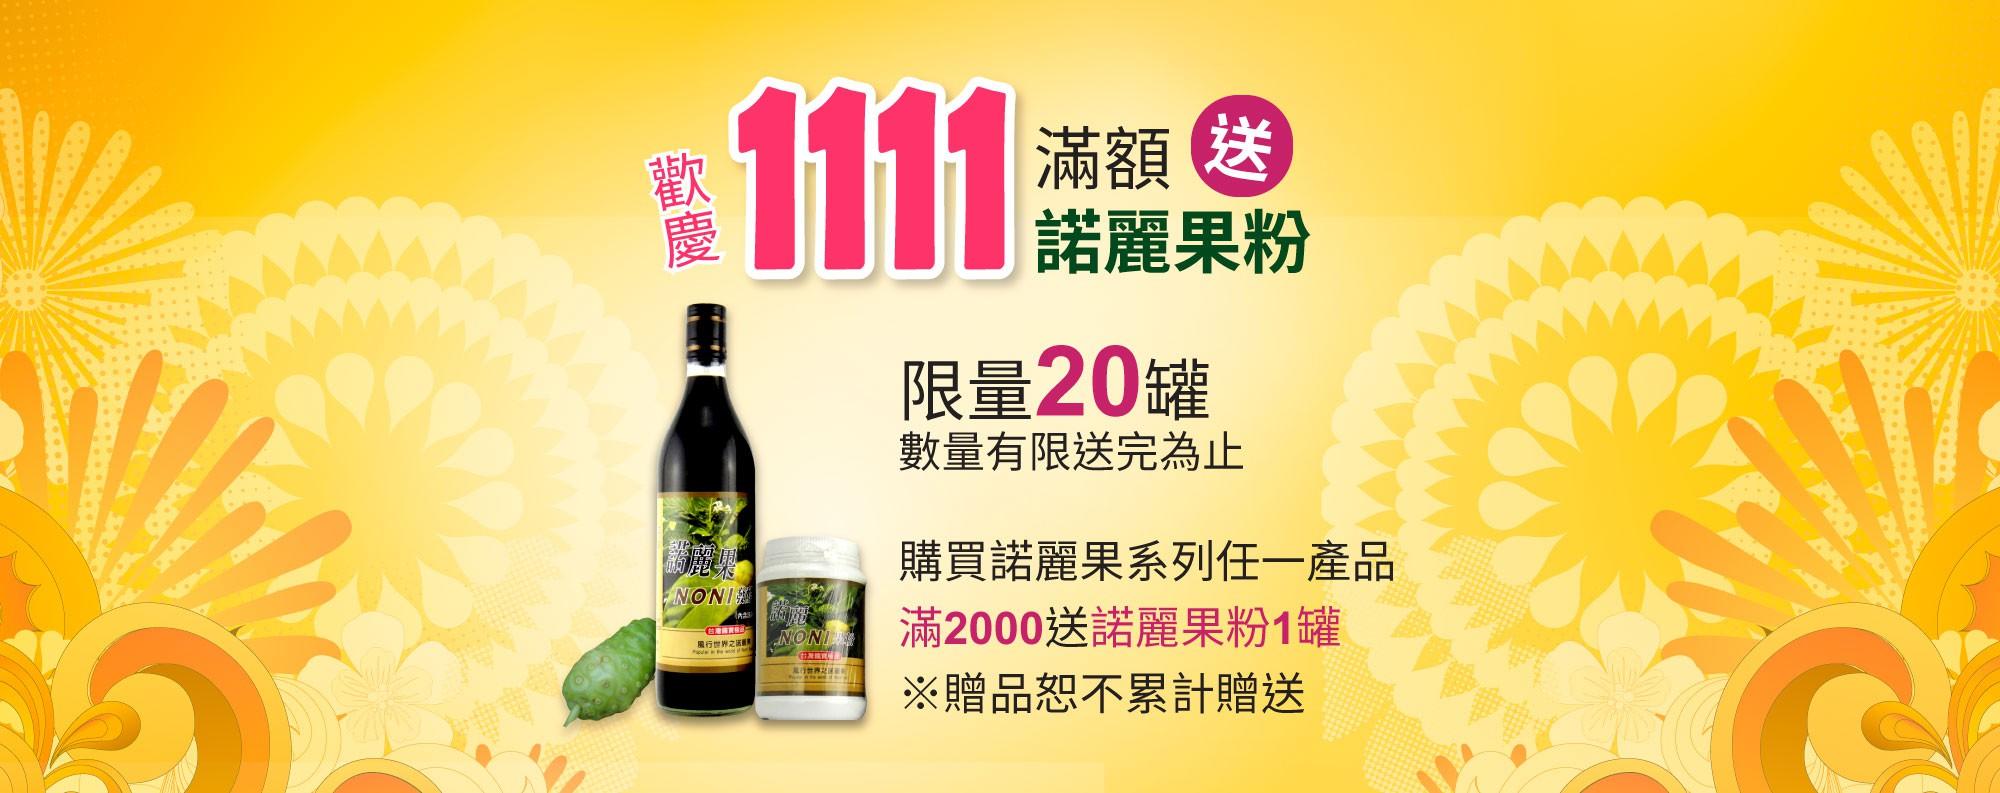 購買諾麗果系列產品 滿2000送諾麗果粉1罐